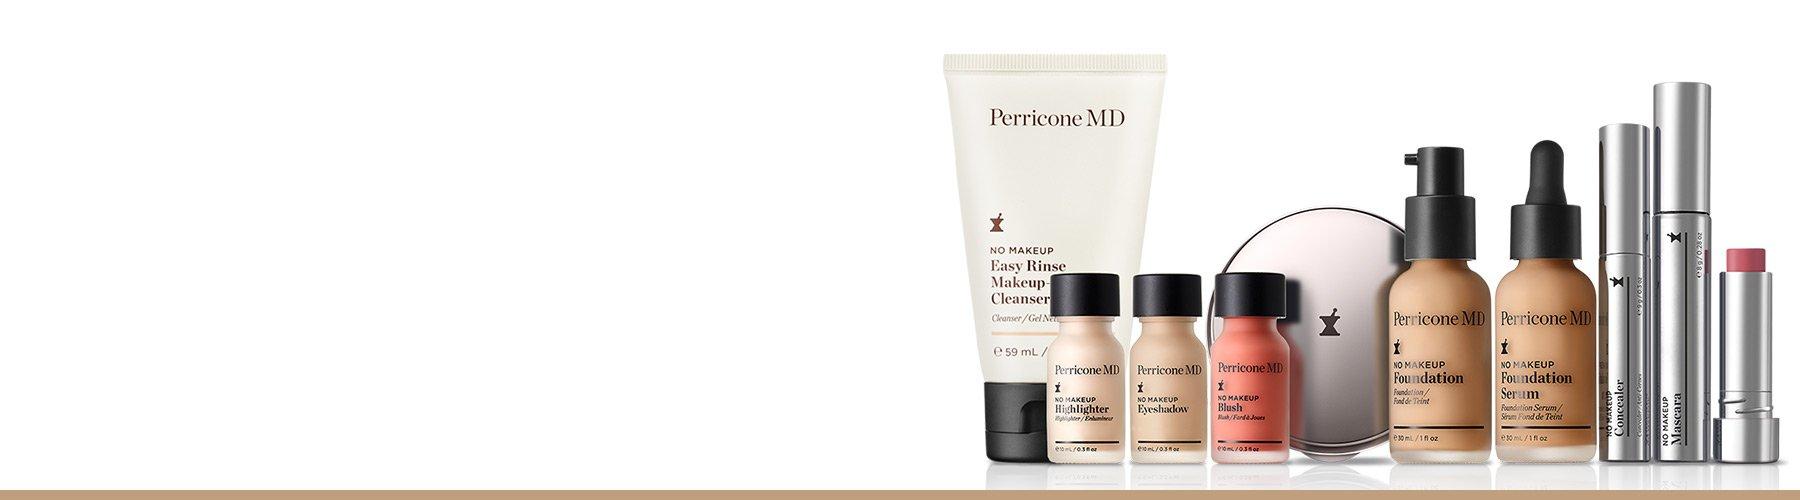 Trucco No Makeup  - Perricone MD Italia